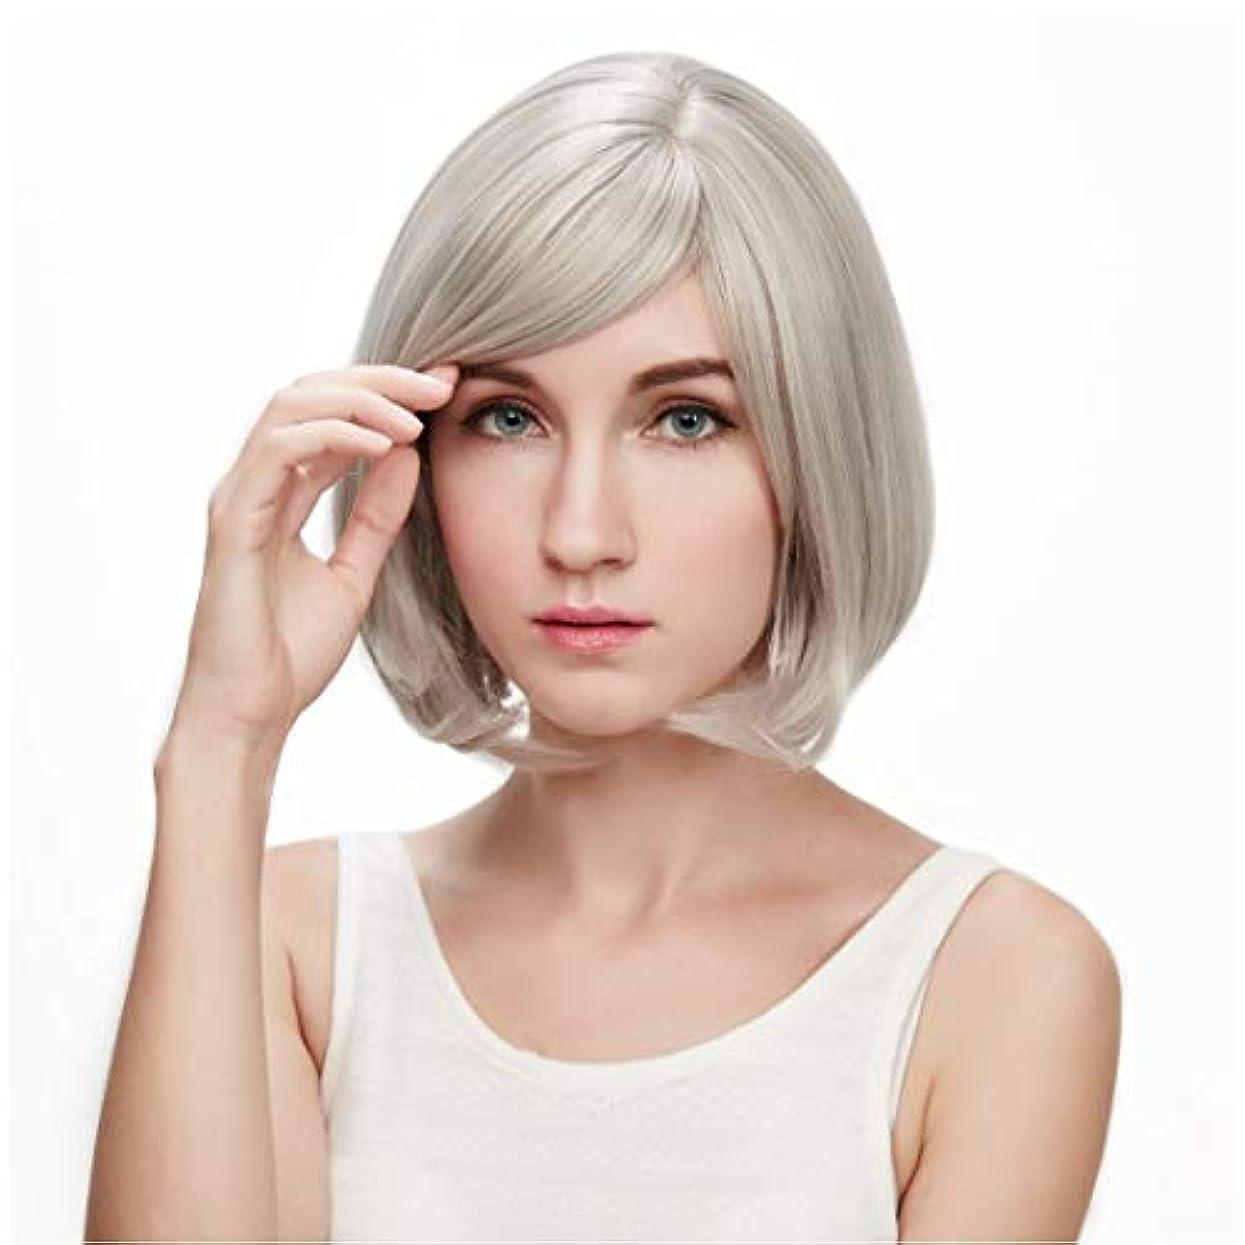 フォークソビエト死んでいるSummerys 本物の髪として自然な女性のための平らな前髪の合成かつらとストレートショートボブの髪かつら